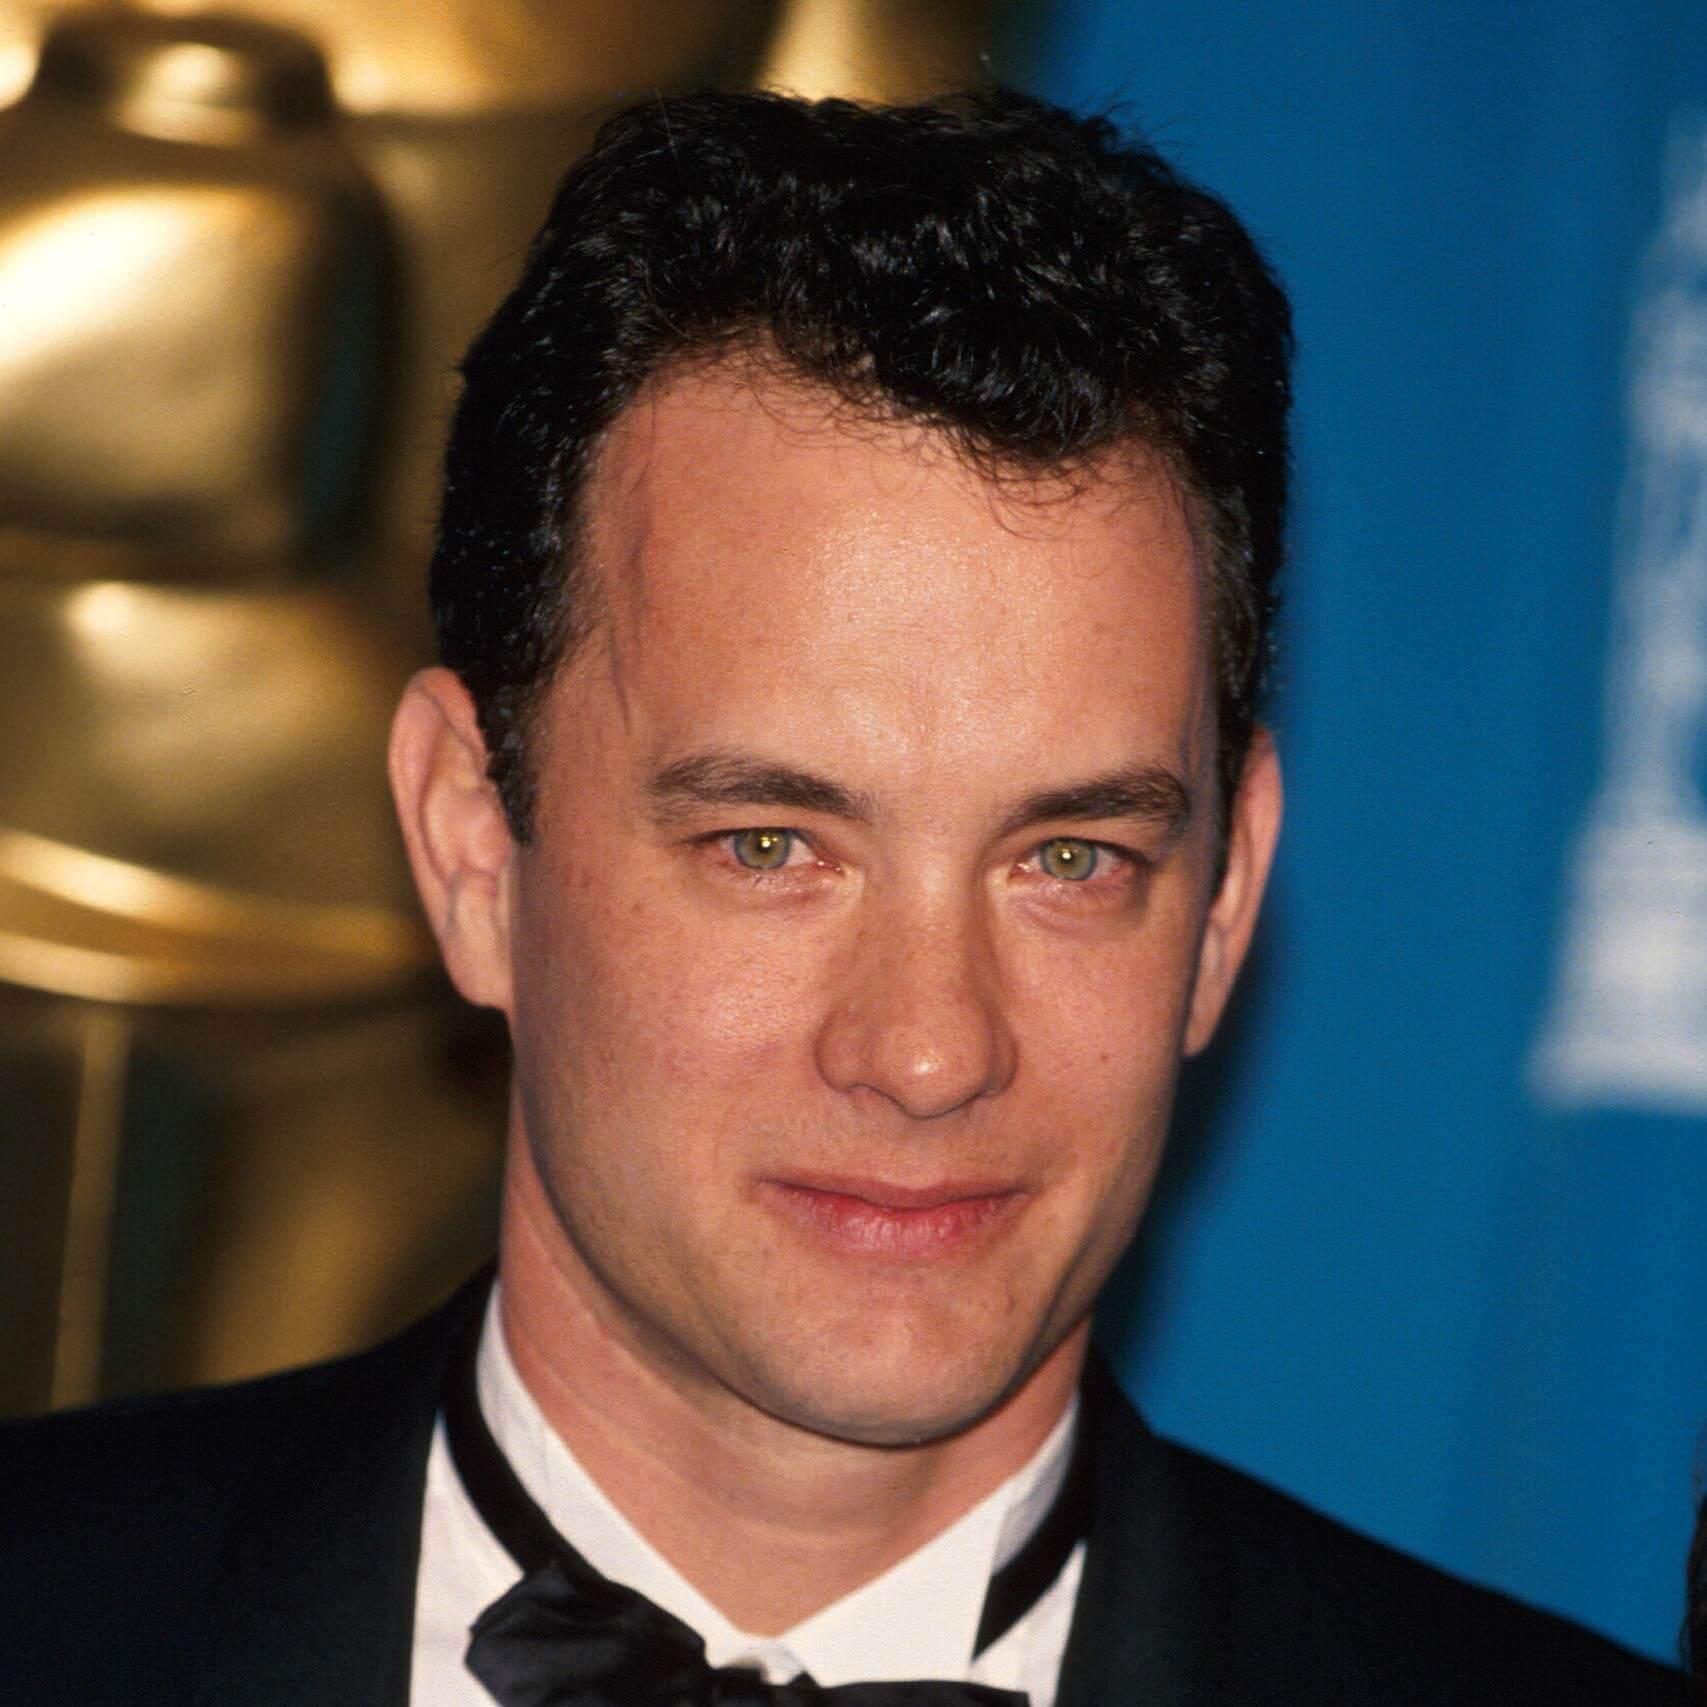 Tom Hanks in 1994